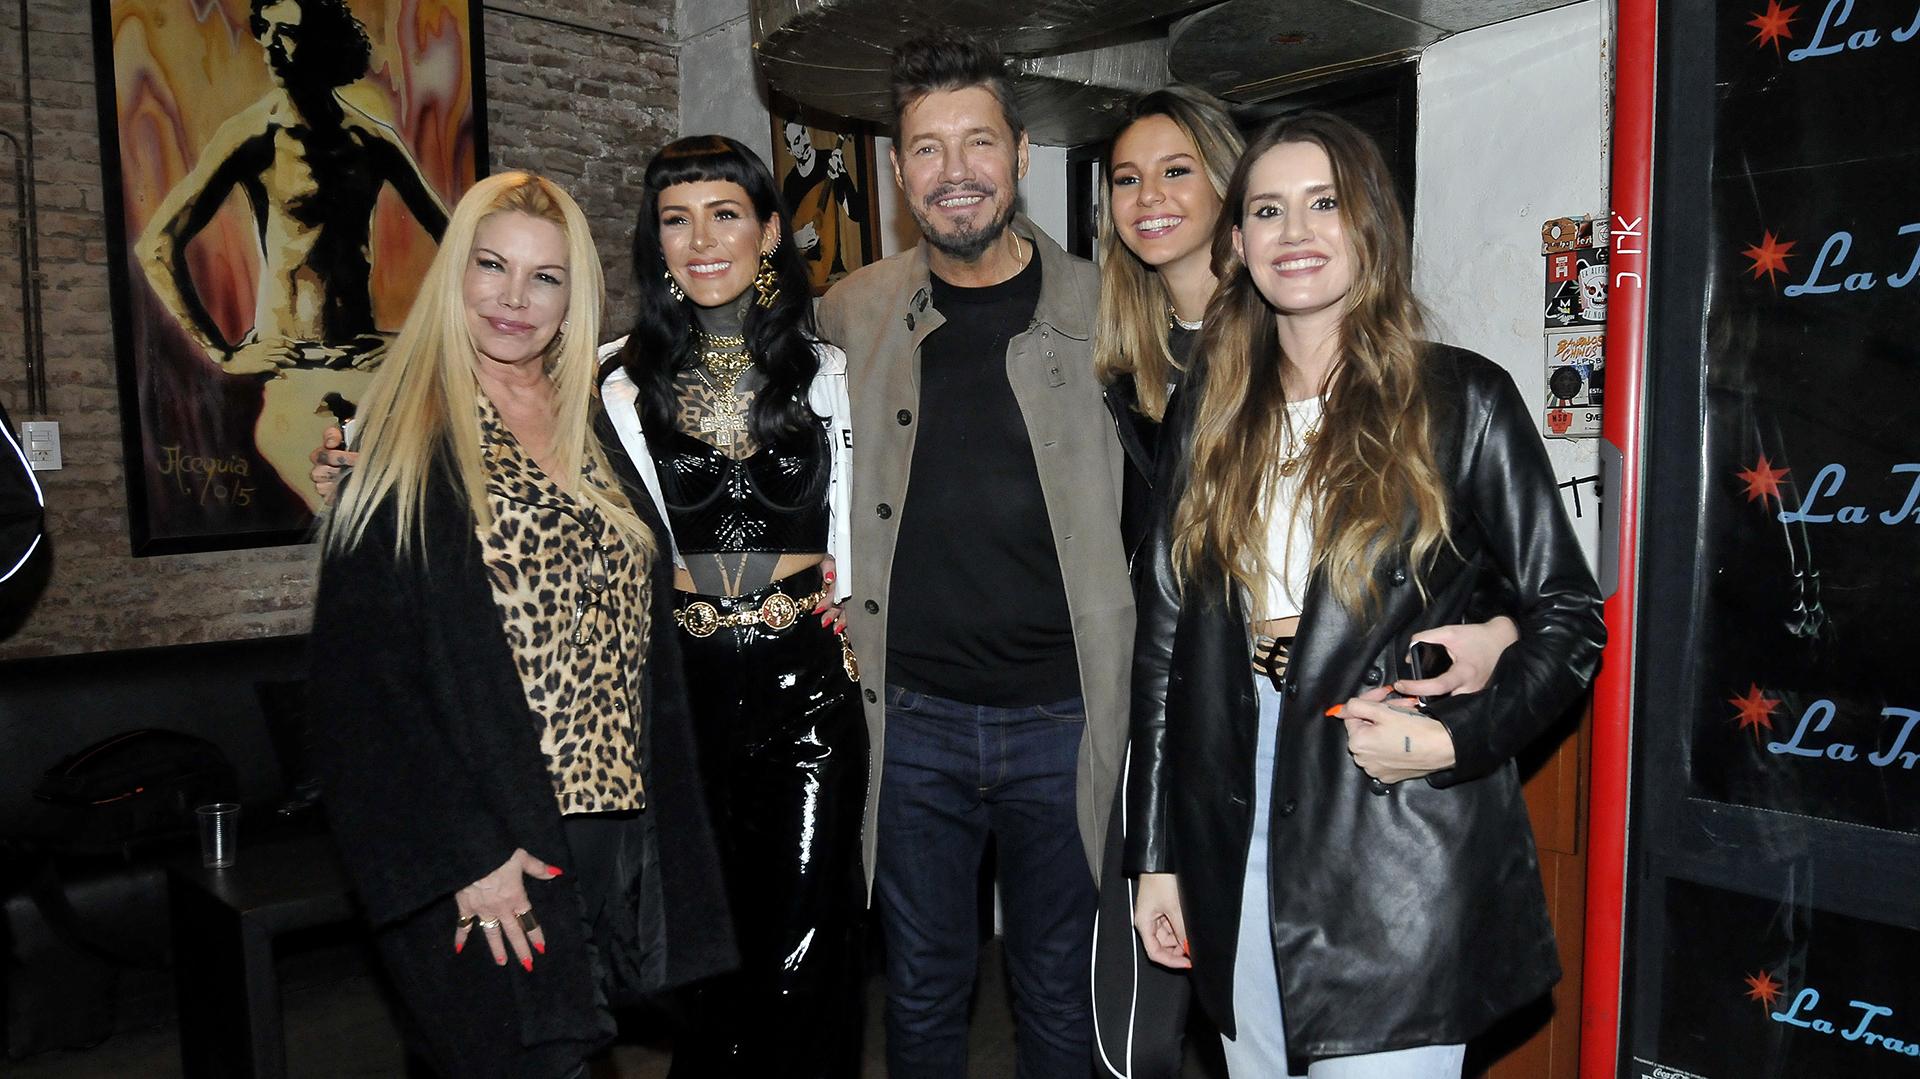 Soledad Aquino, Candelaria Tinelli, Marcelo, Juanita y Mica